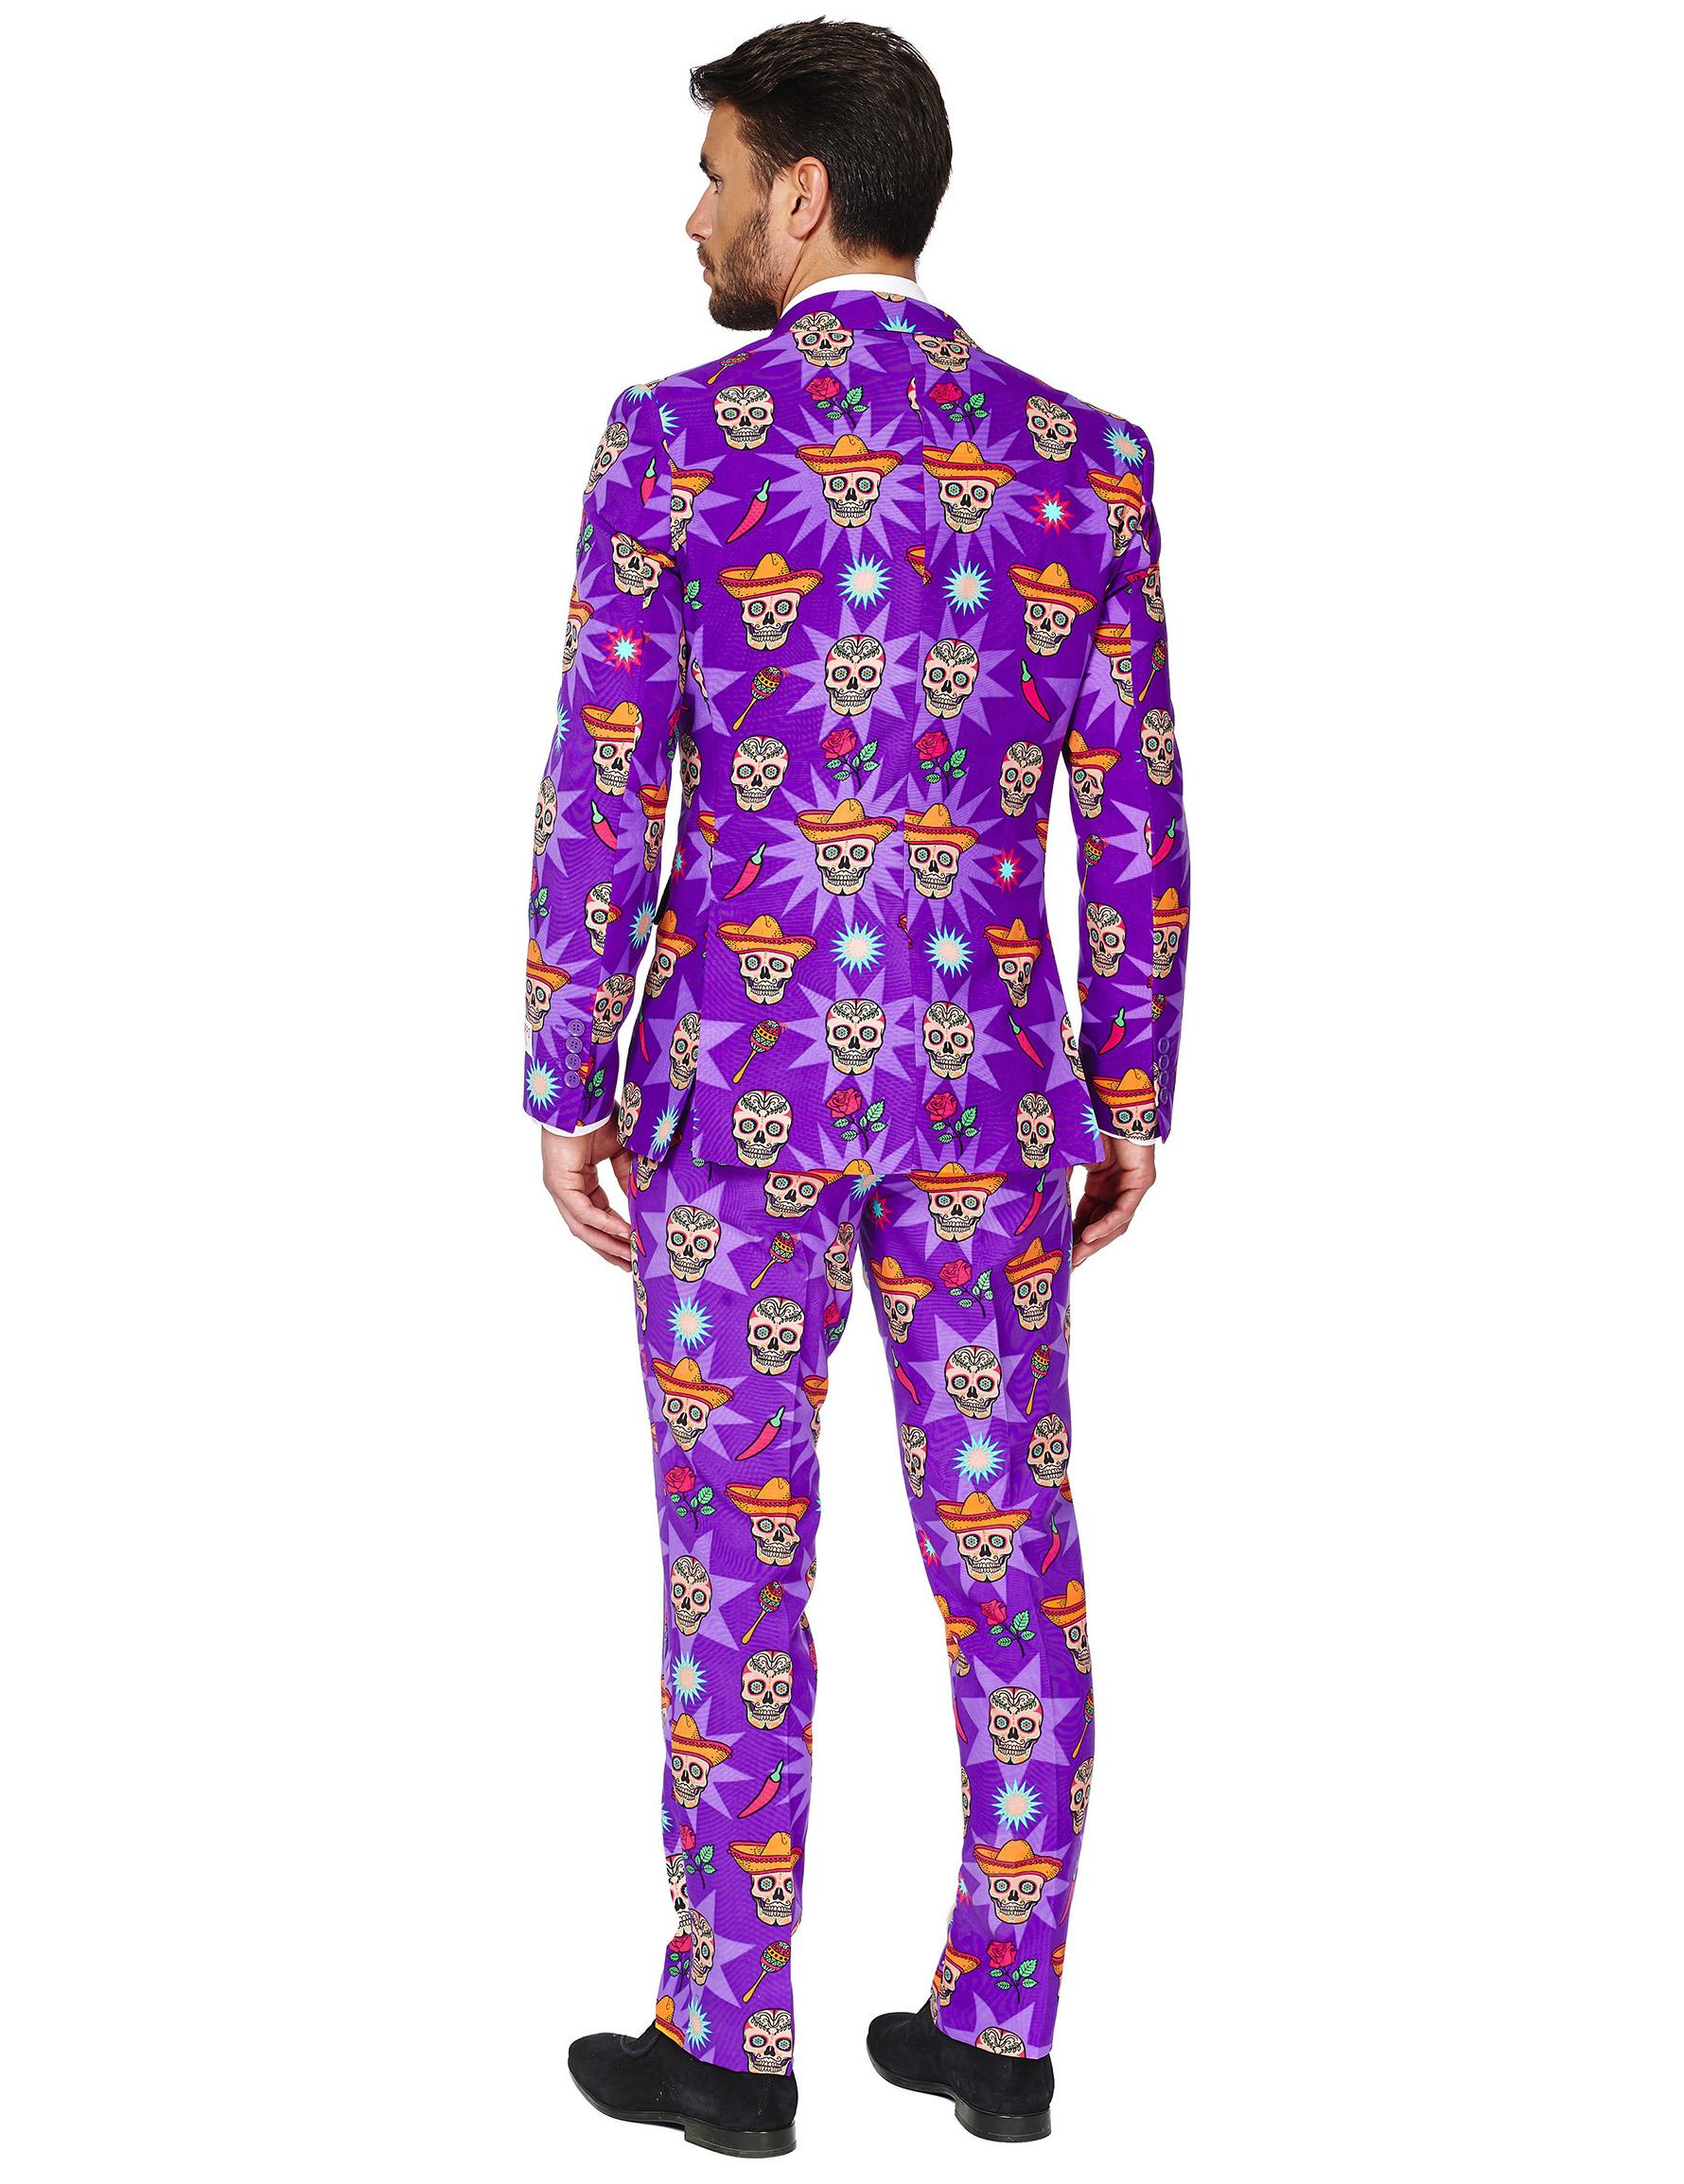 Traje Día de los Muertos Opposuits™ hombre: Disfraces adultos,y ...